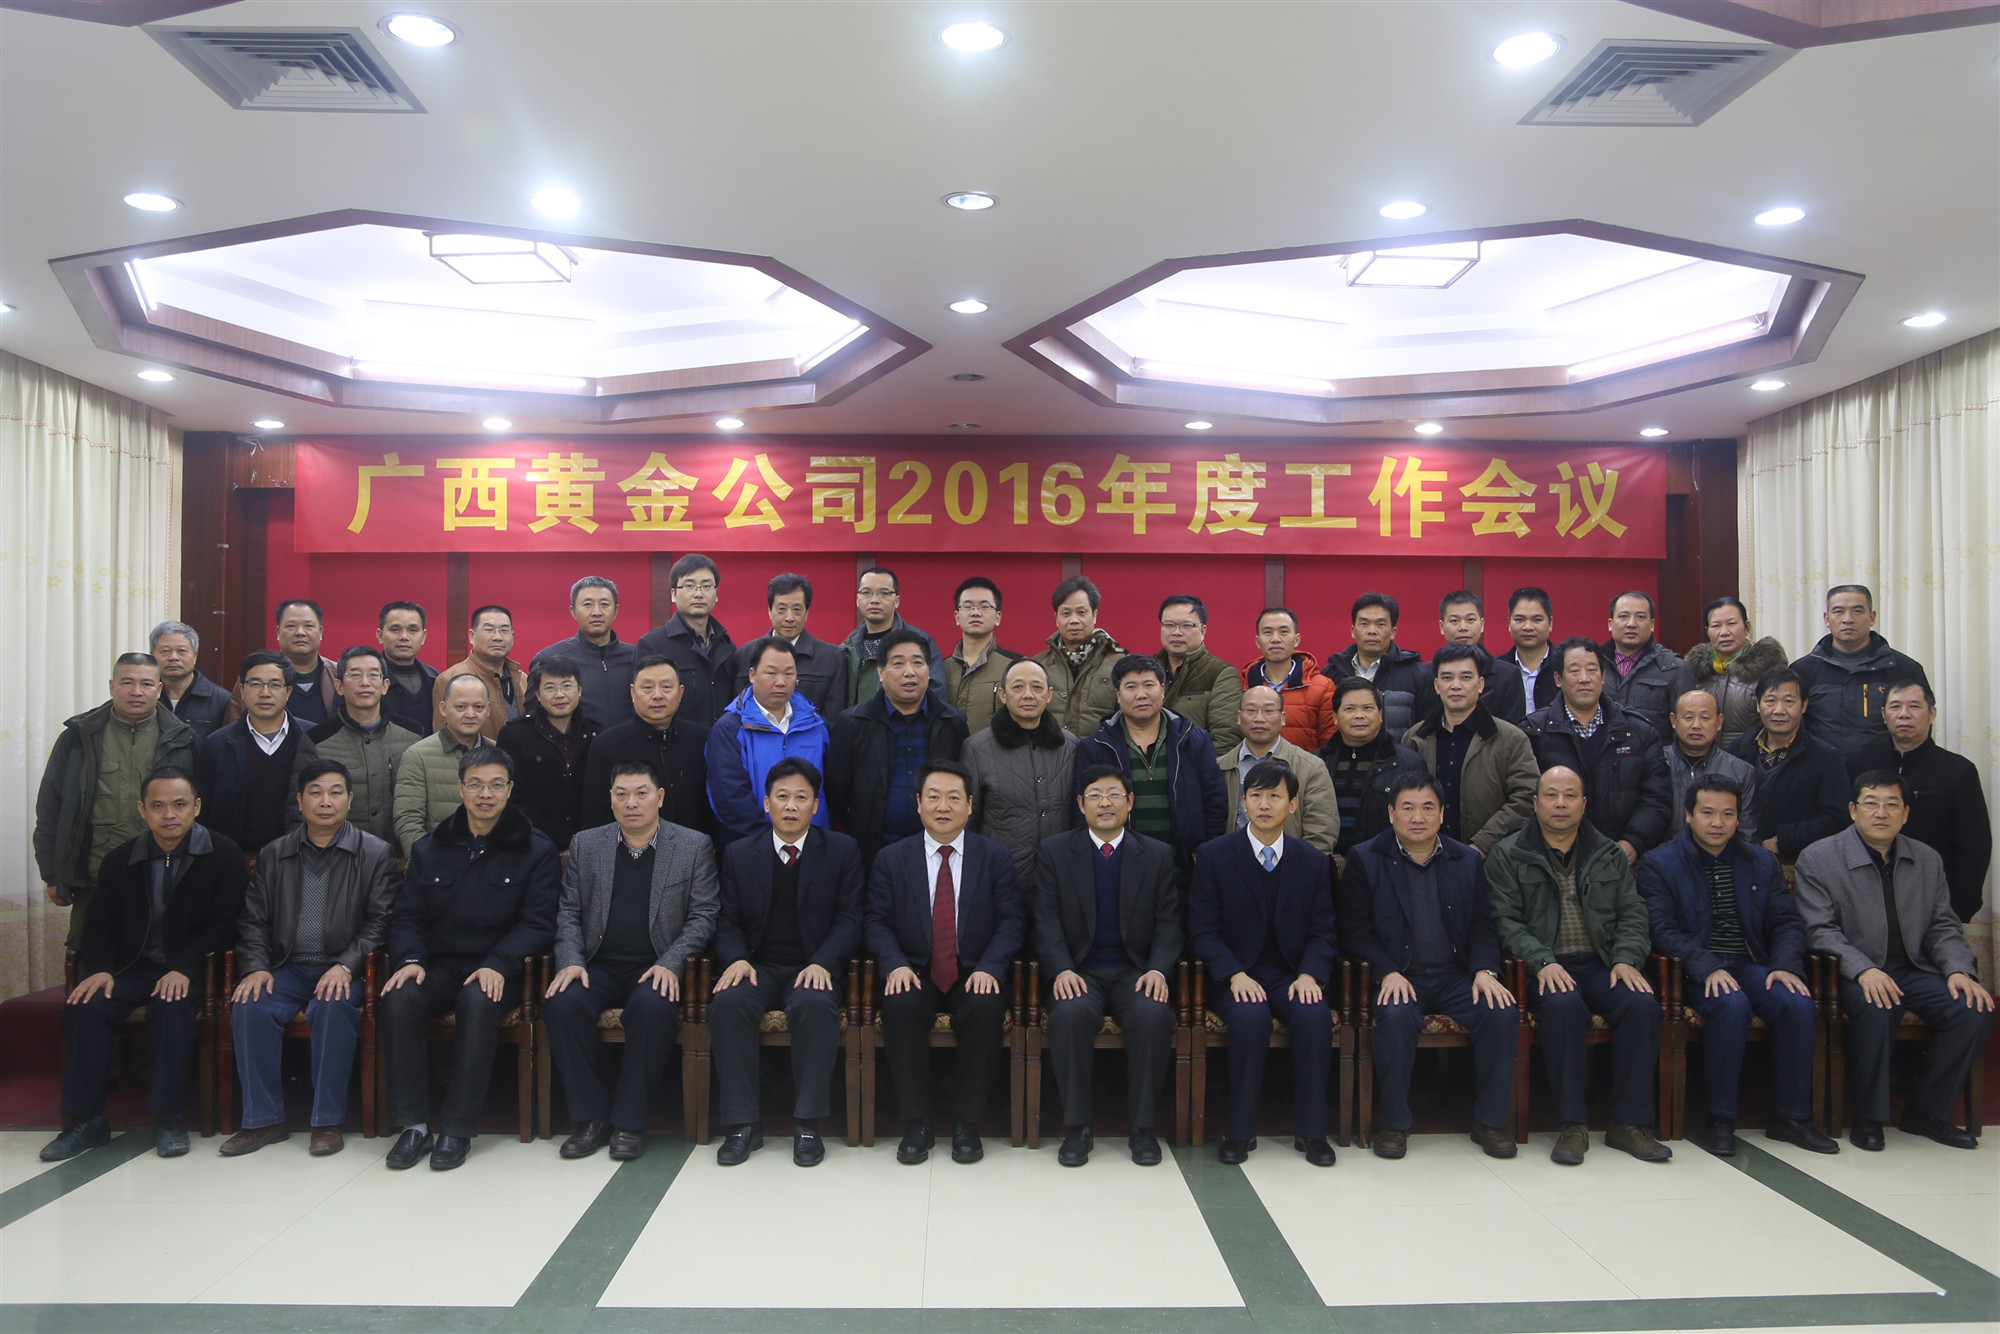 2016年度工作会